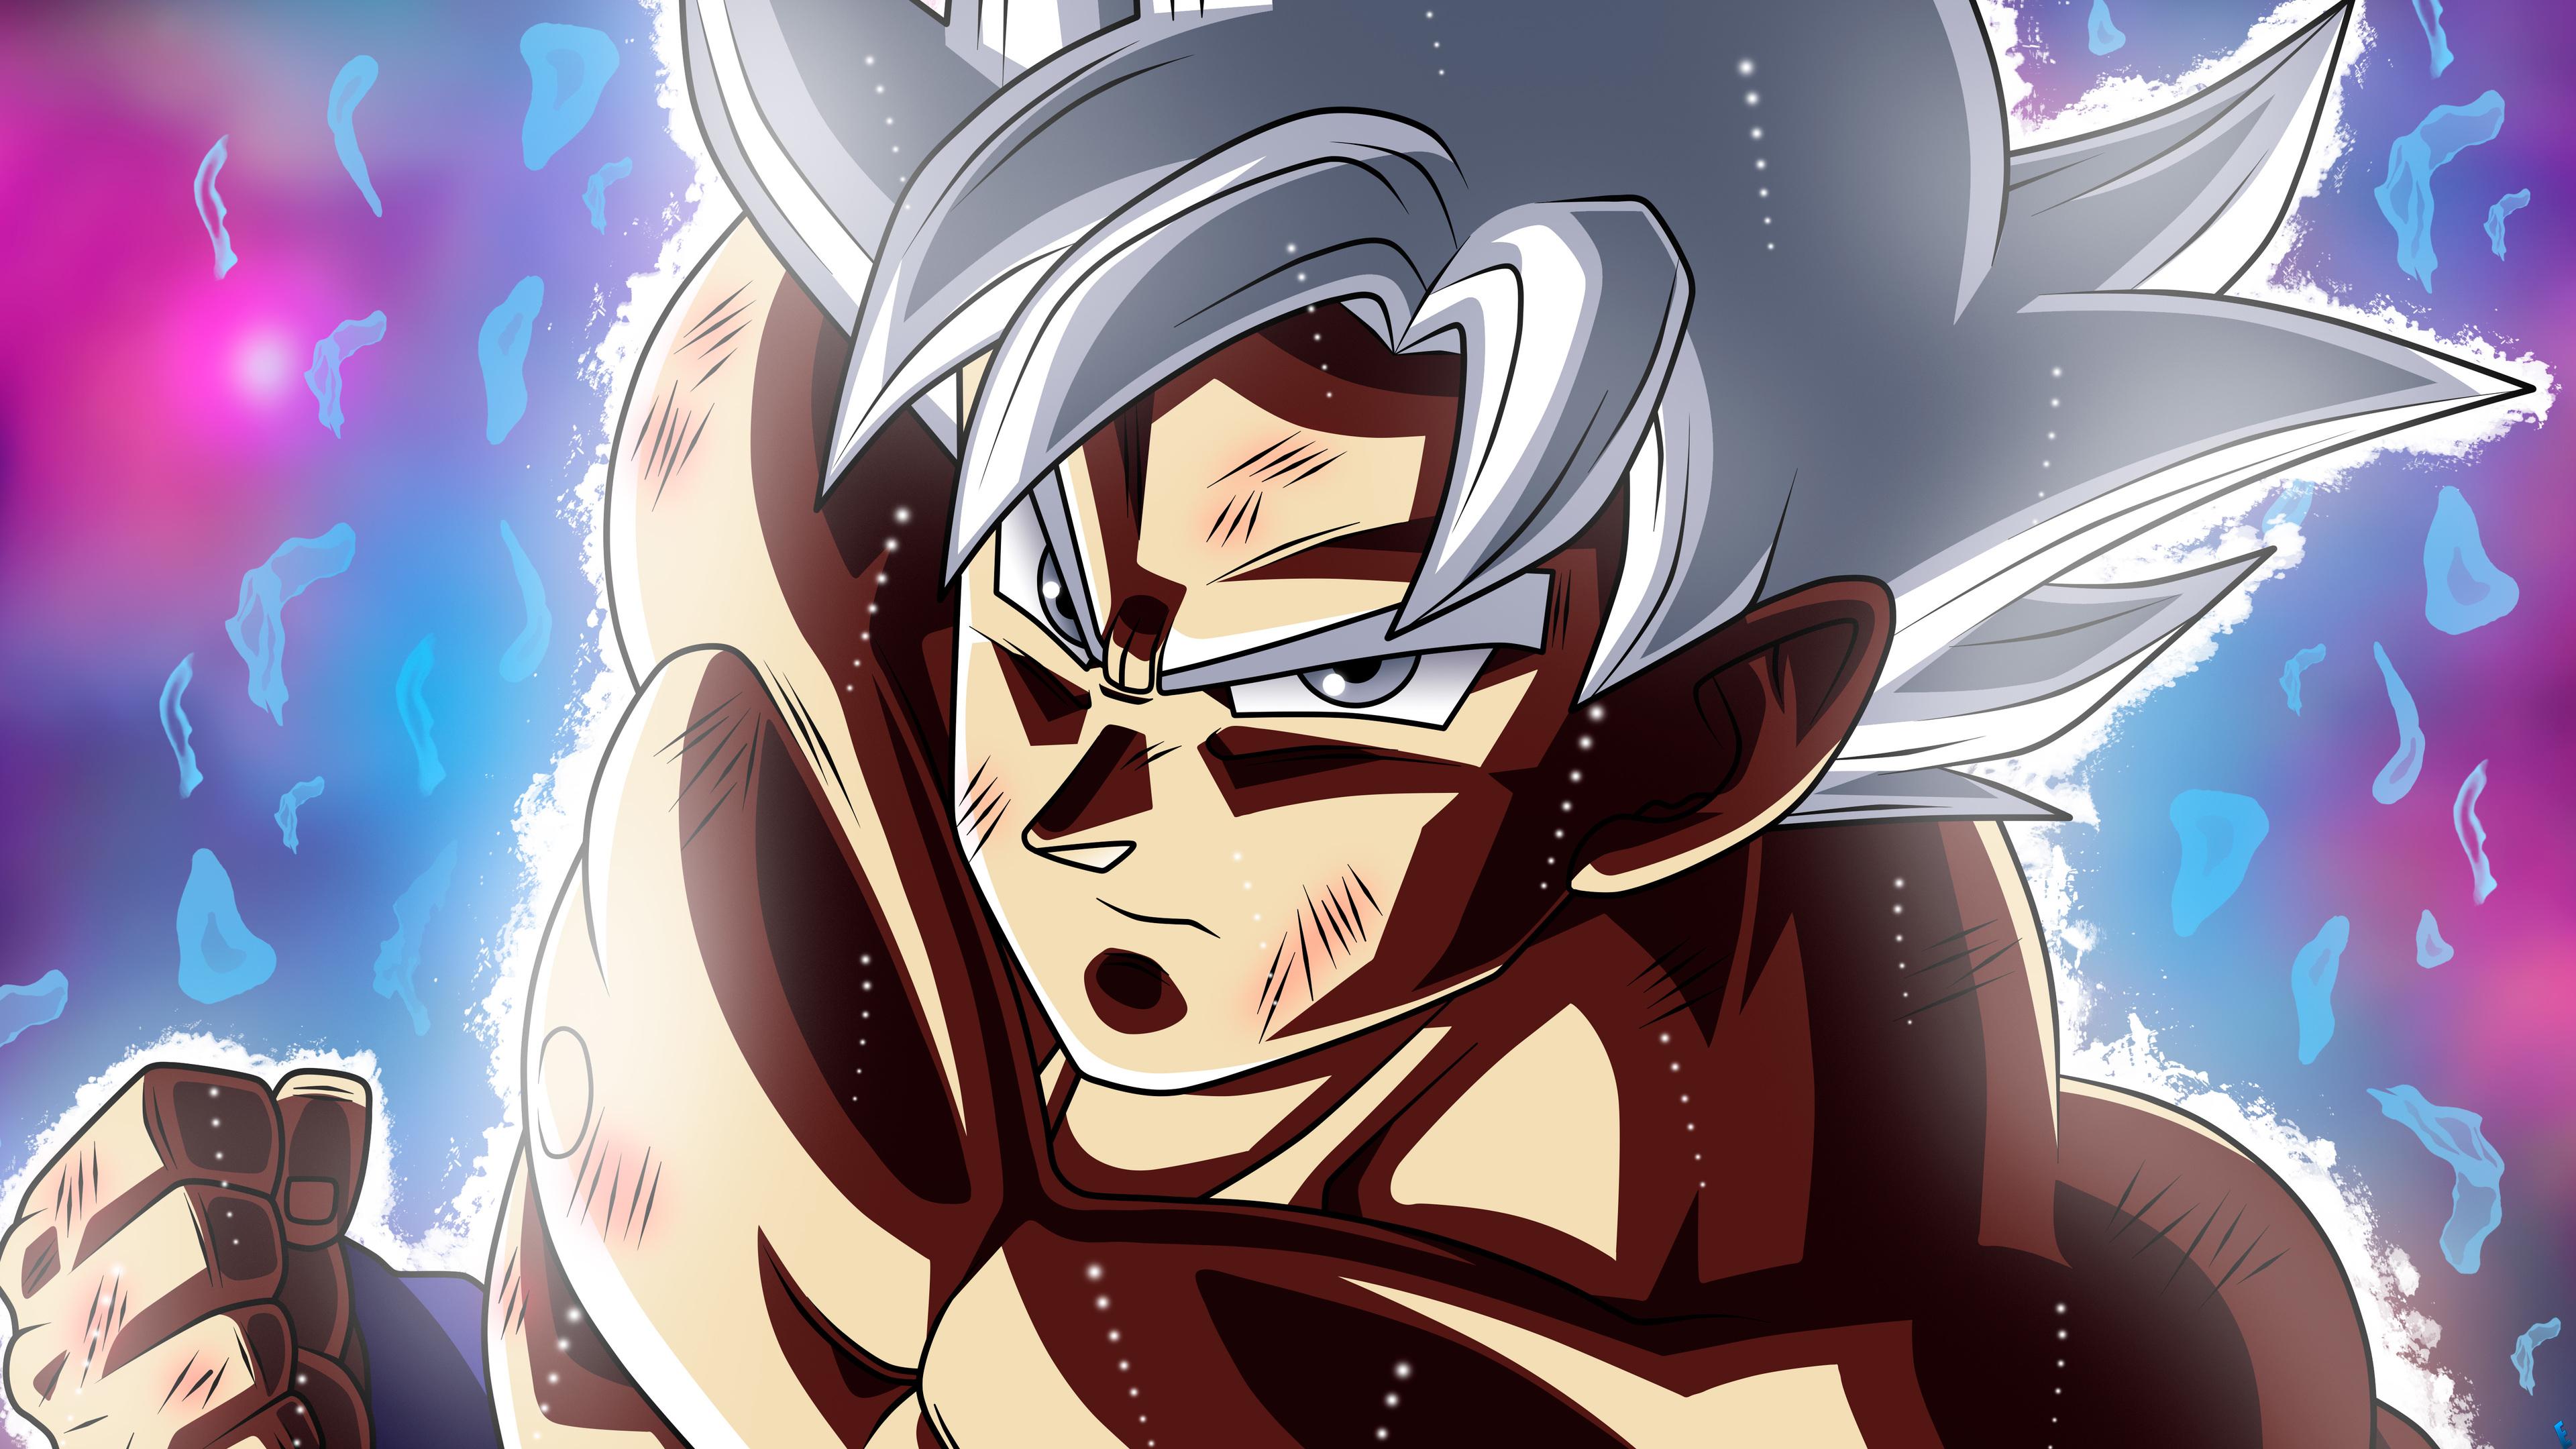 goku migatte no gokui perfecto 1541974207 - Goku Migatte No Gokui Perfecto - hd-wallpapers, goku wallpapers, dragon ball wallpapers, dragon ball super wallpapers, anime wallpapers, 4k-wallpapers